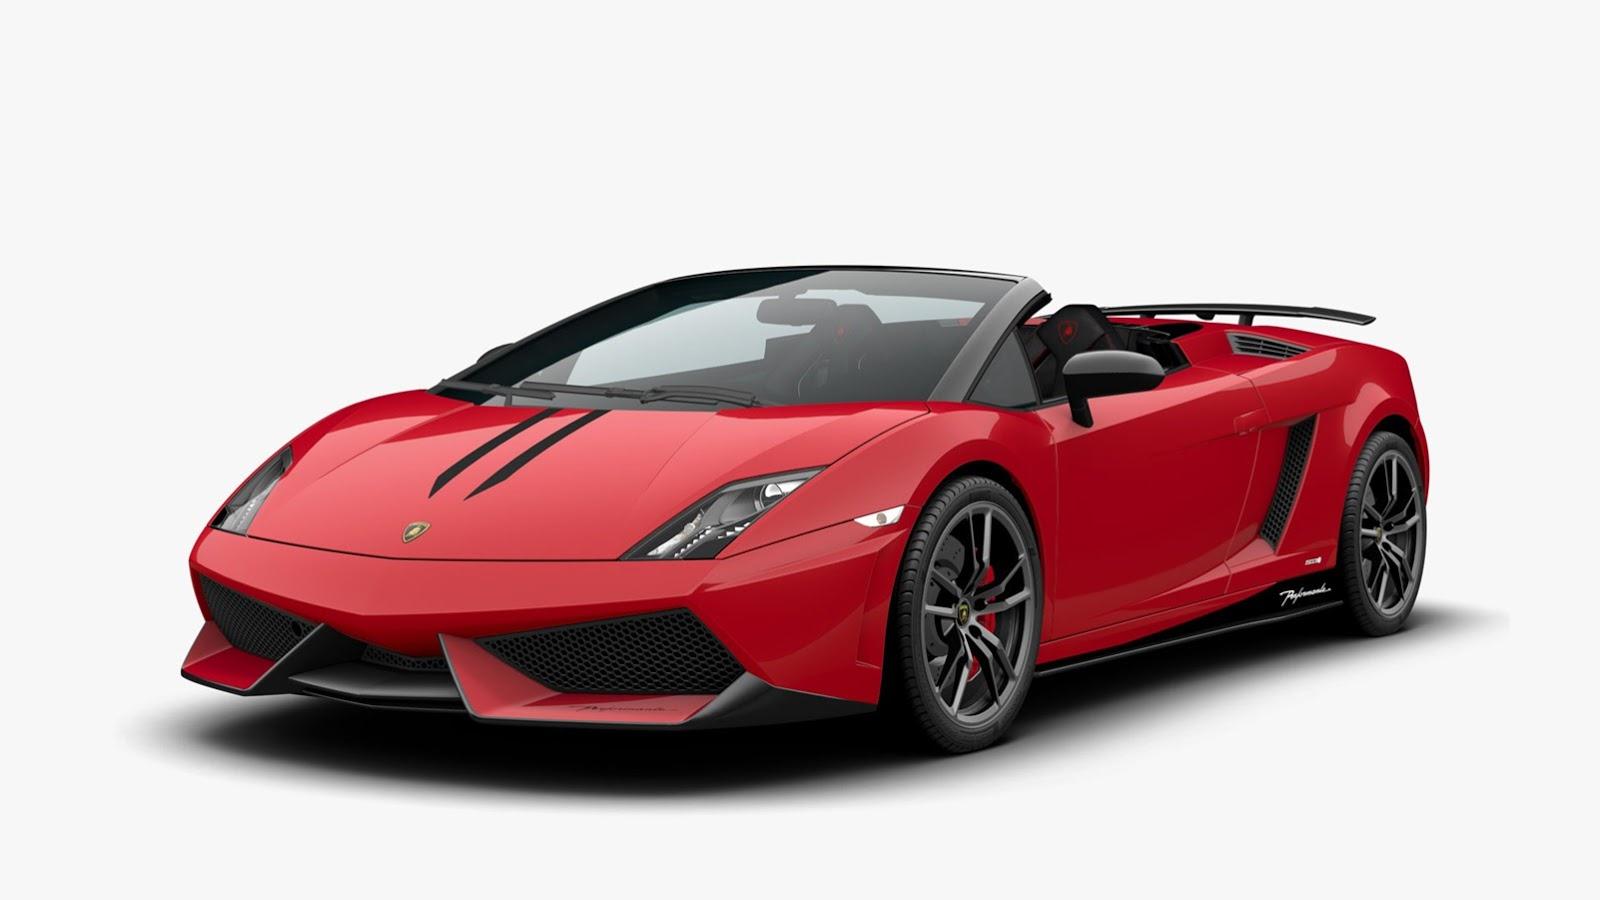 Lamborghini_Gallardo_Performante_Edizione_Tecnica_Front_3Q